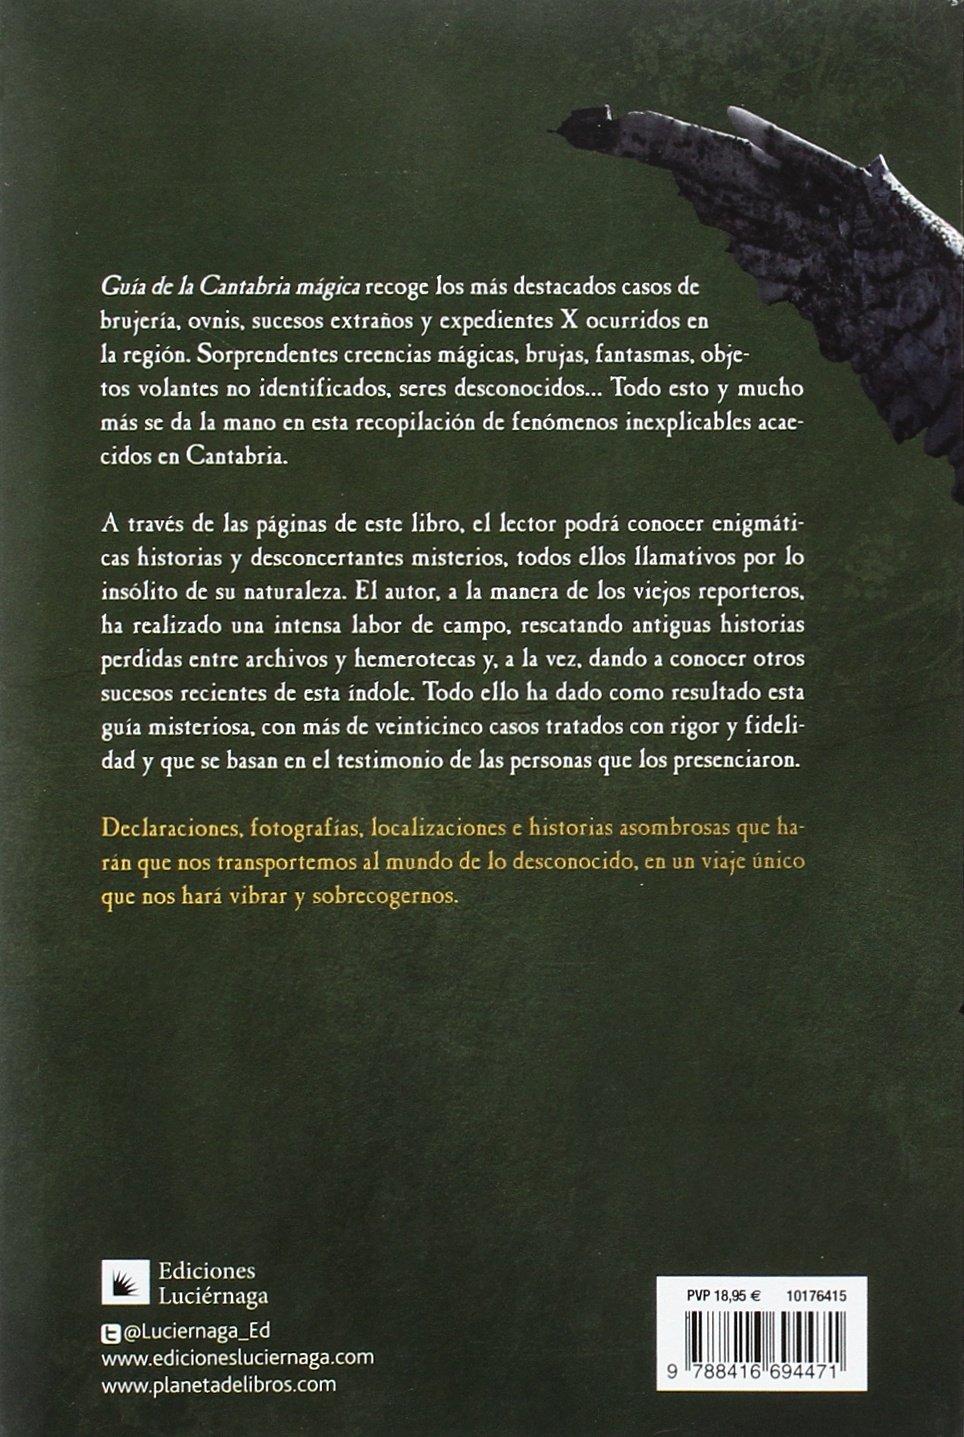 Guía de la Cantabria mágica (Guías mágicas): Amazon.es: Renedo, Francisco: Libros